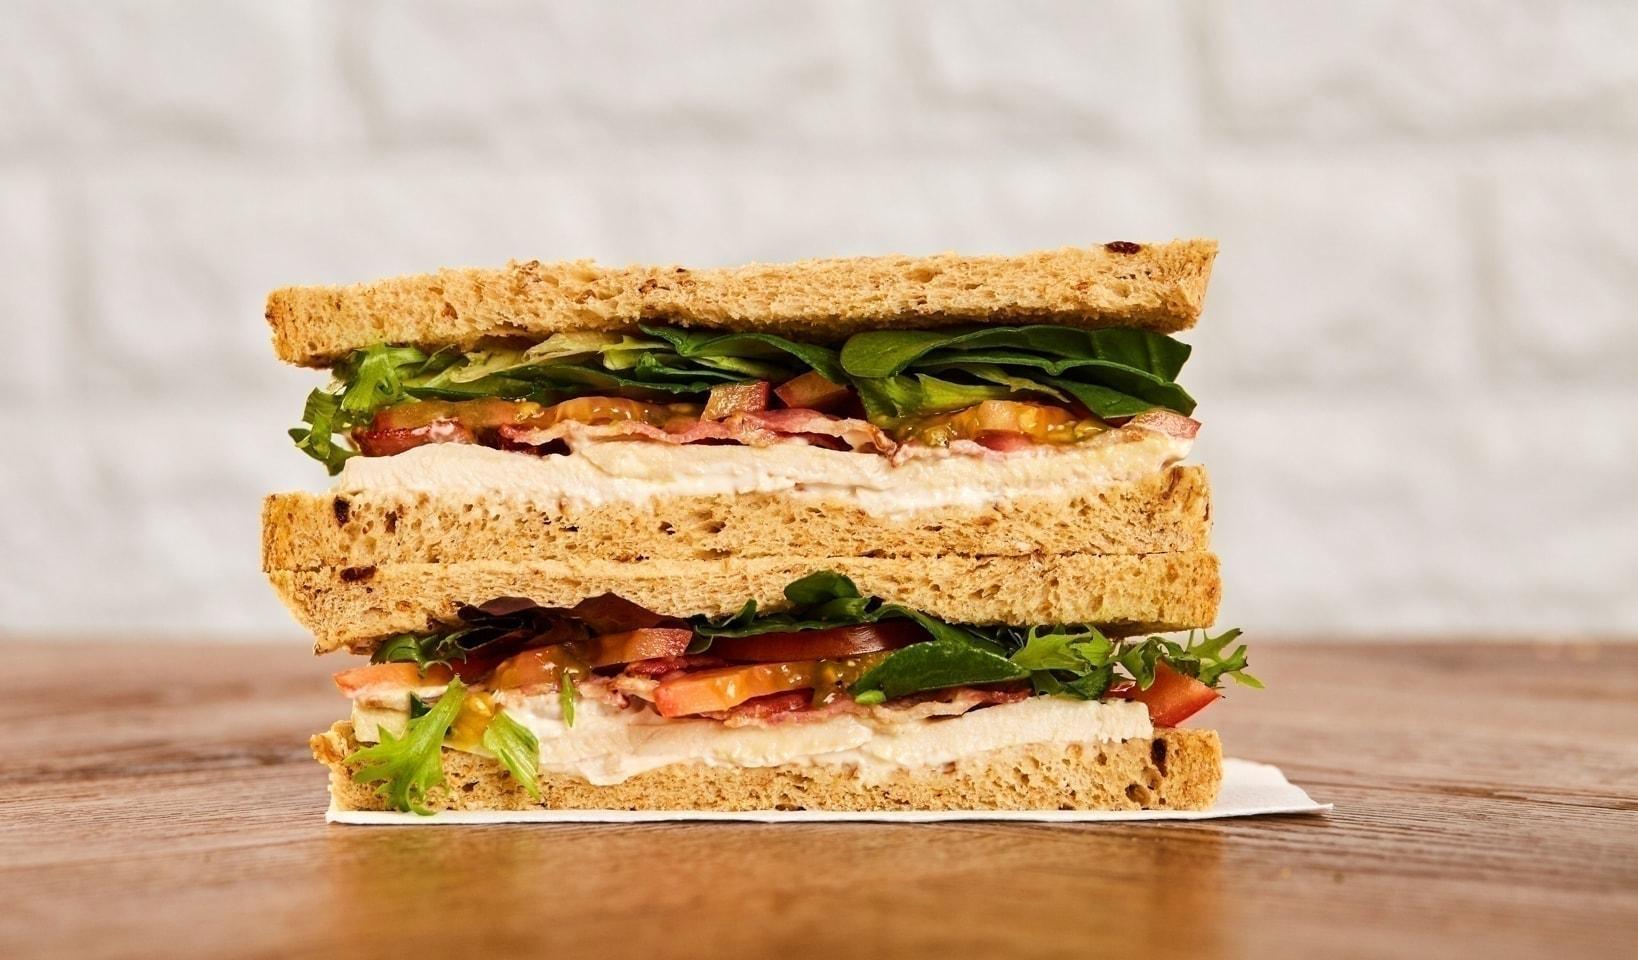 Pret sandwich smoked salmon